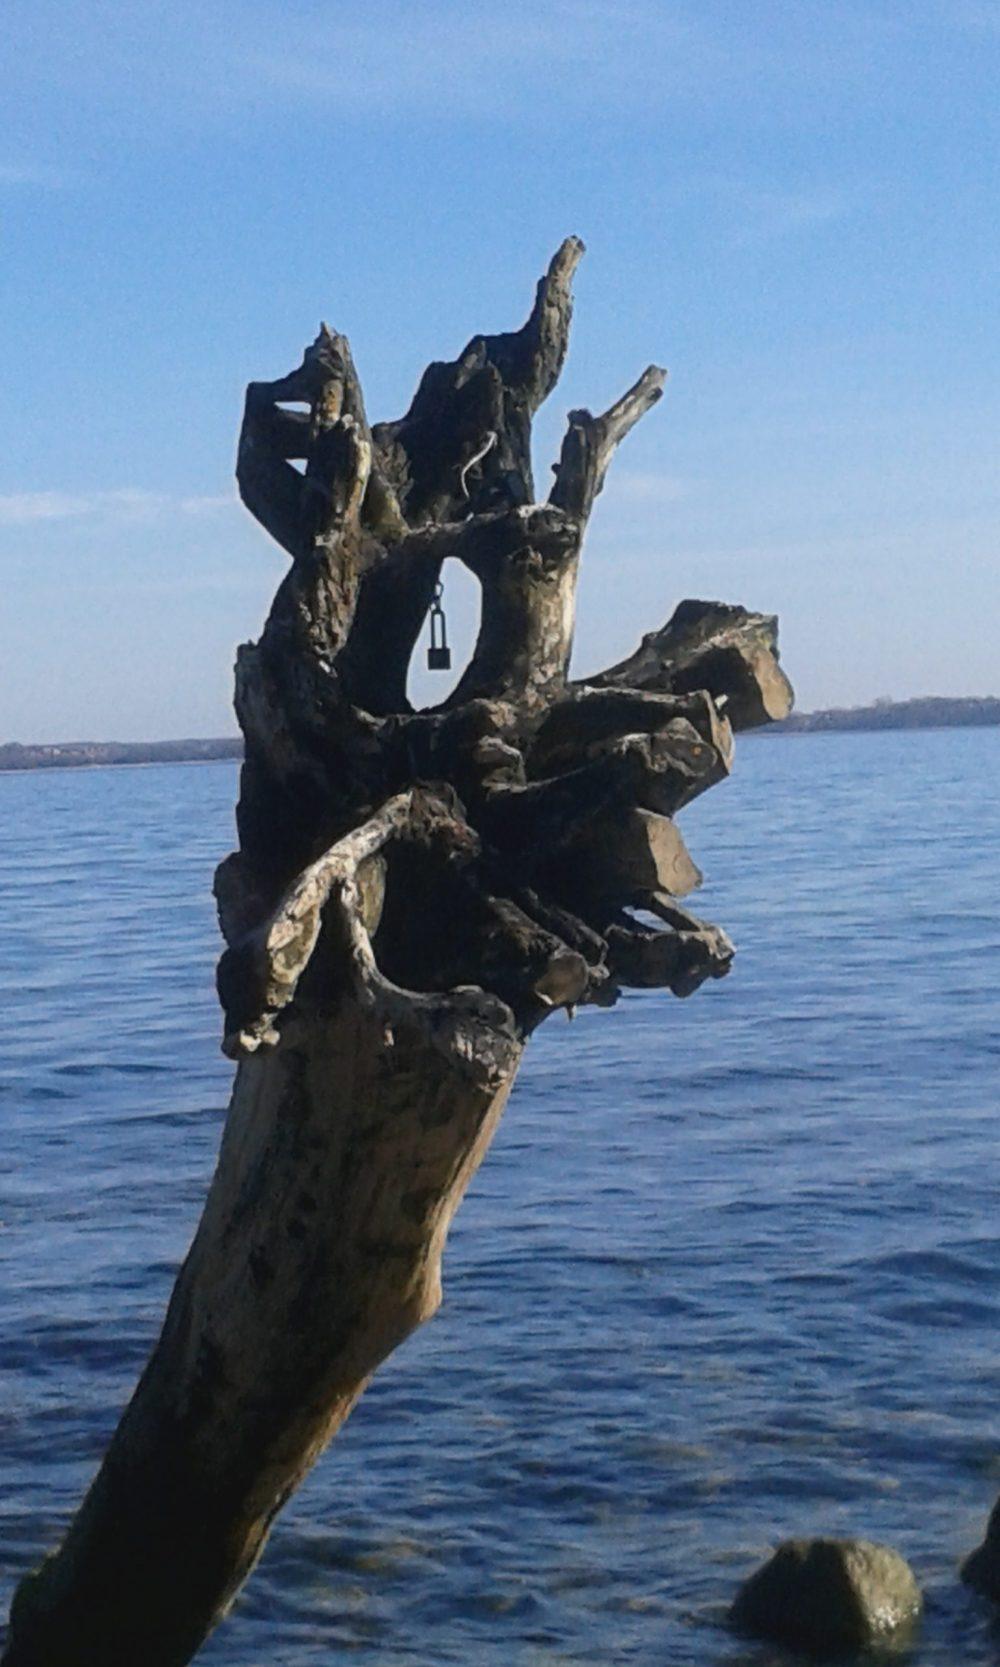 Herausgerissene Baumwurzel. Im Hintergrund das Meer